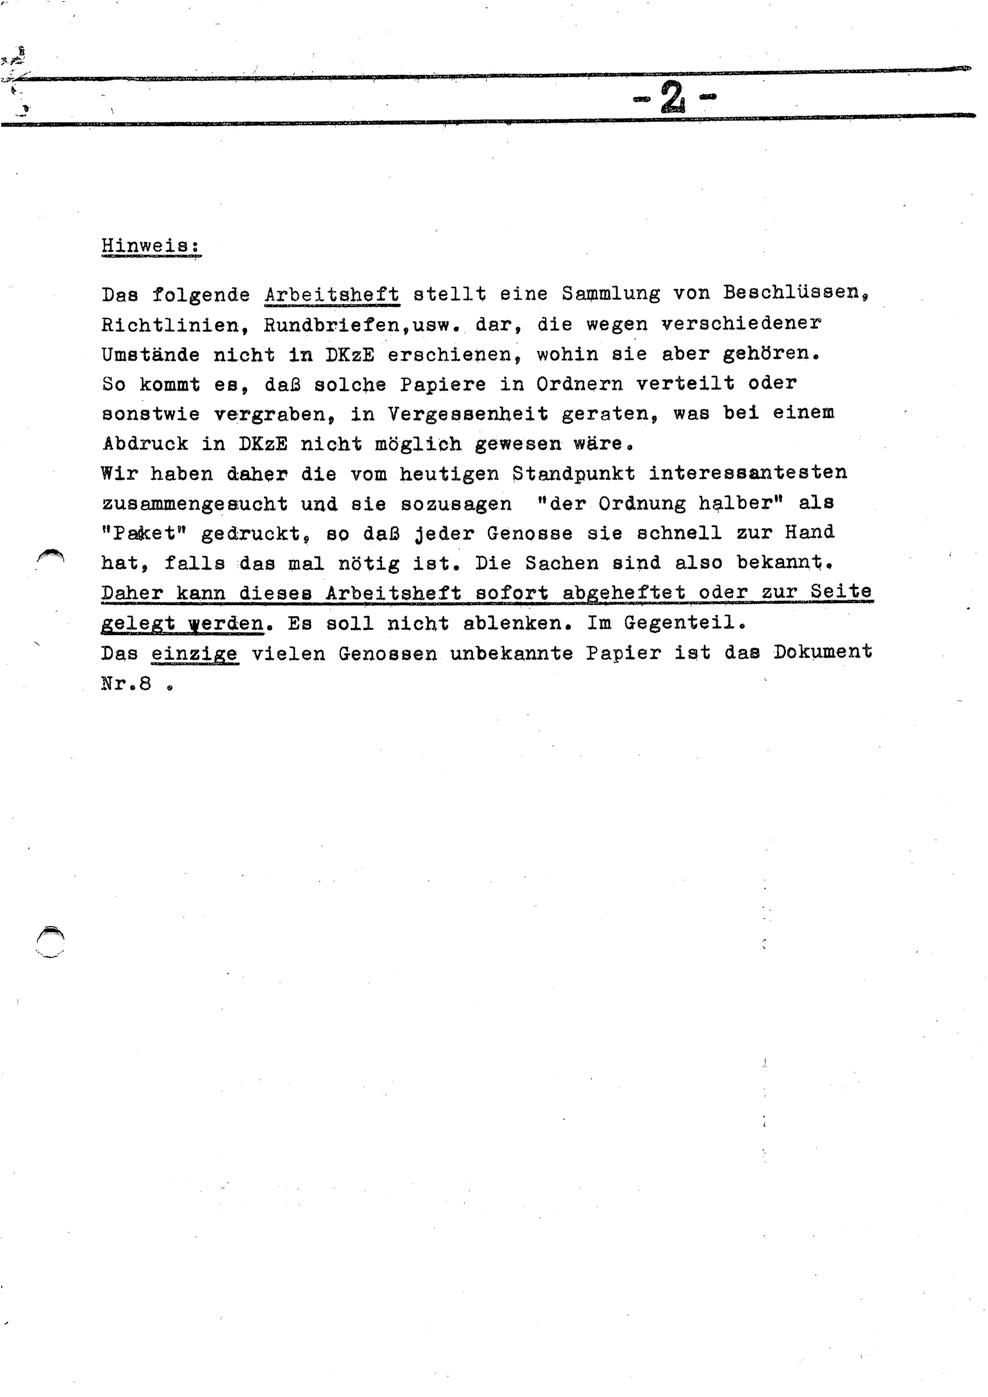 KABRW_Arbeitshefte_1977_24_002